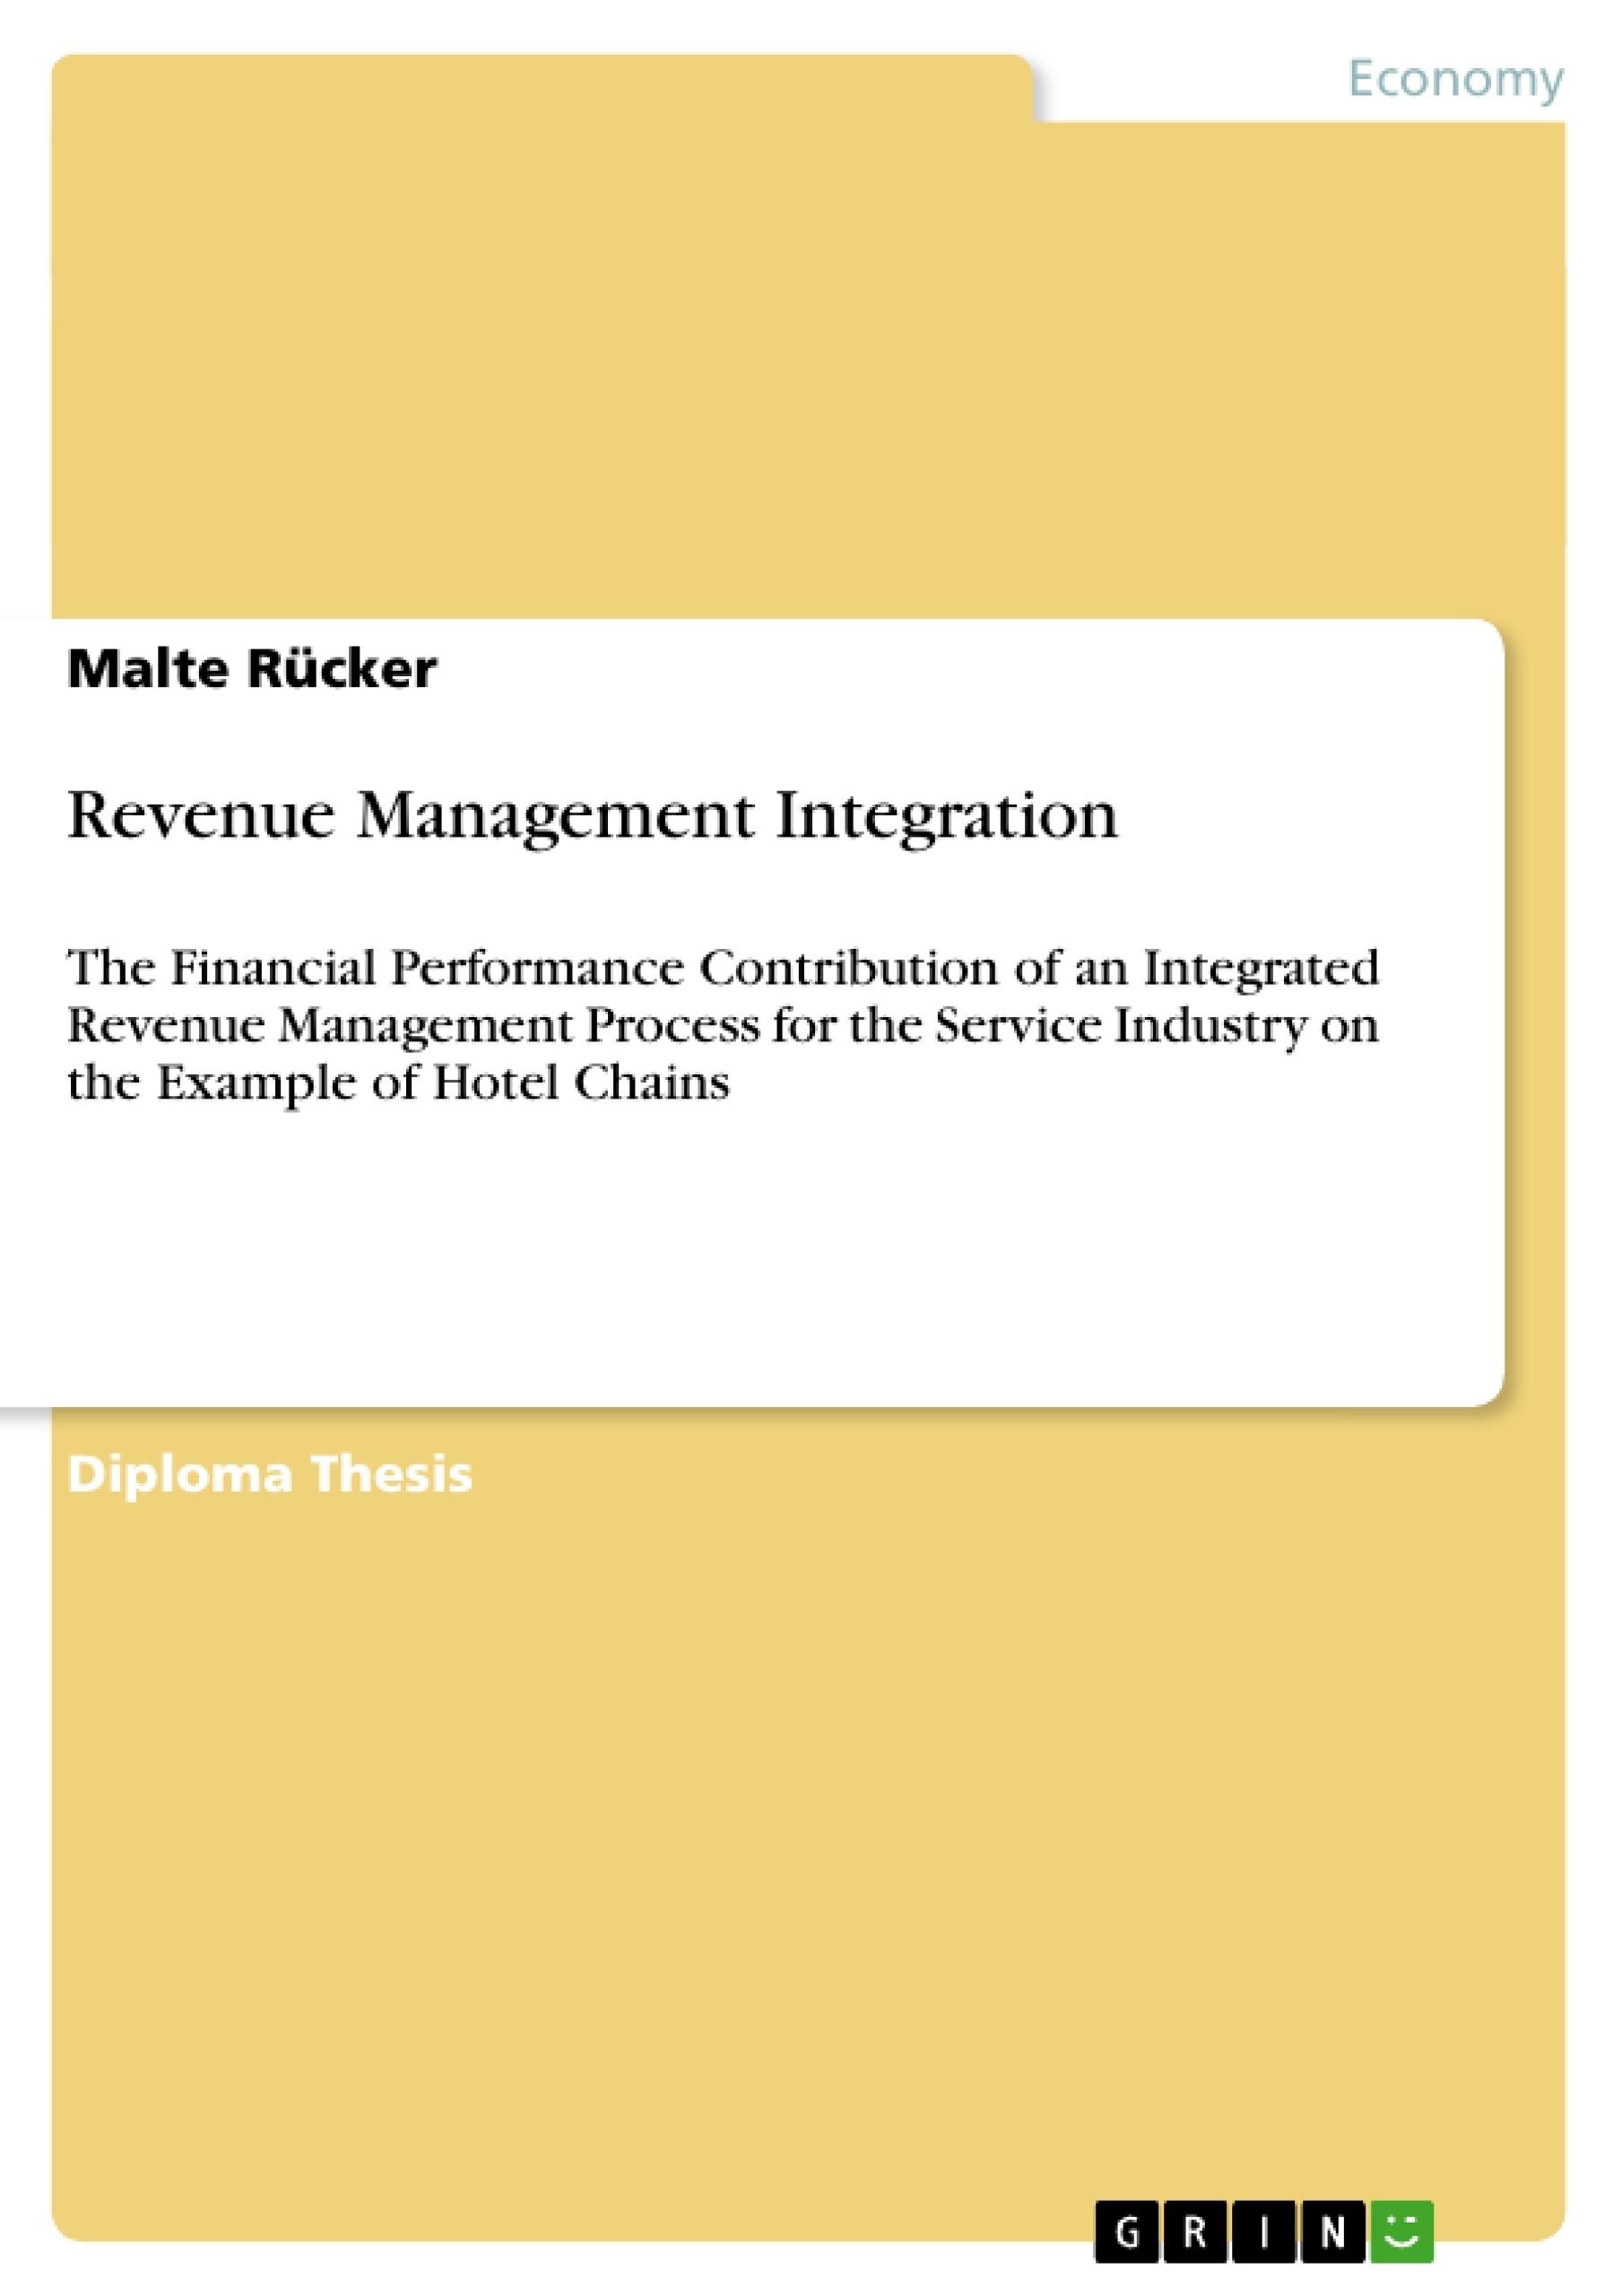 Title: Revenue Management Integration